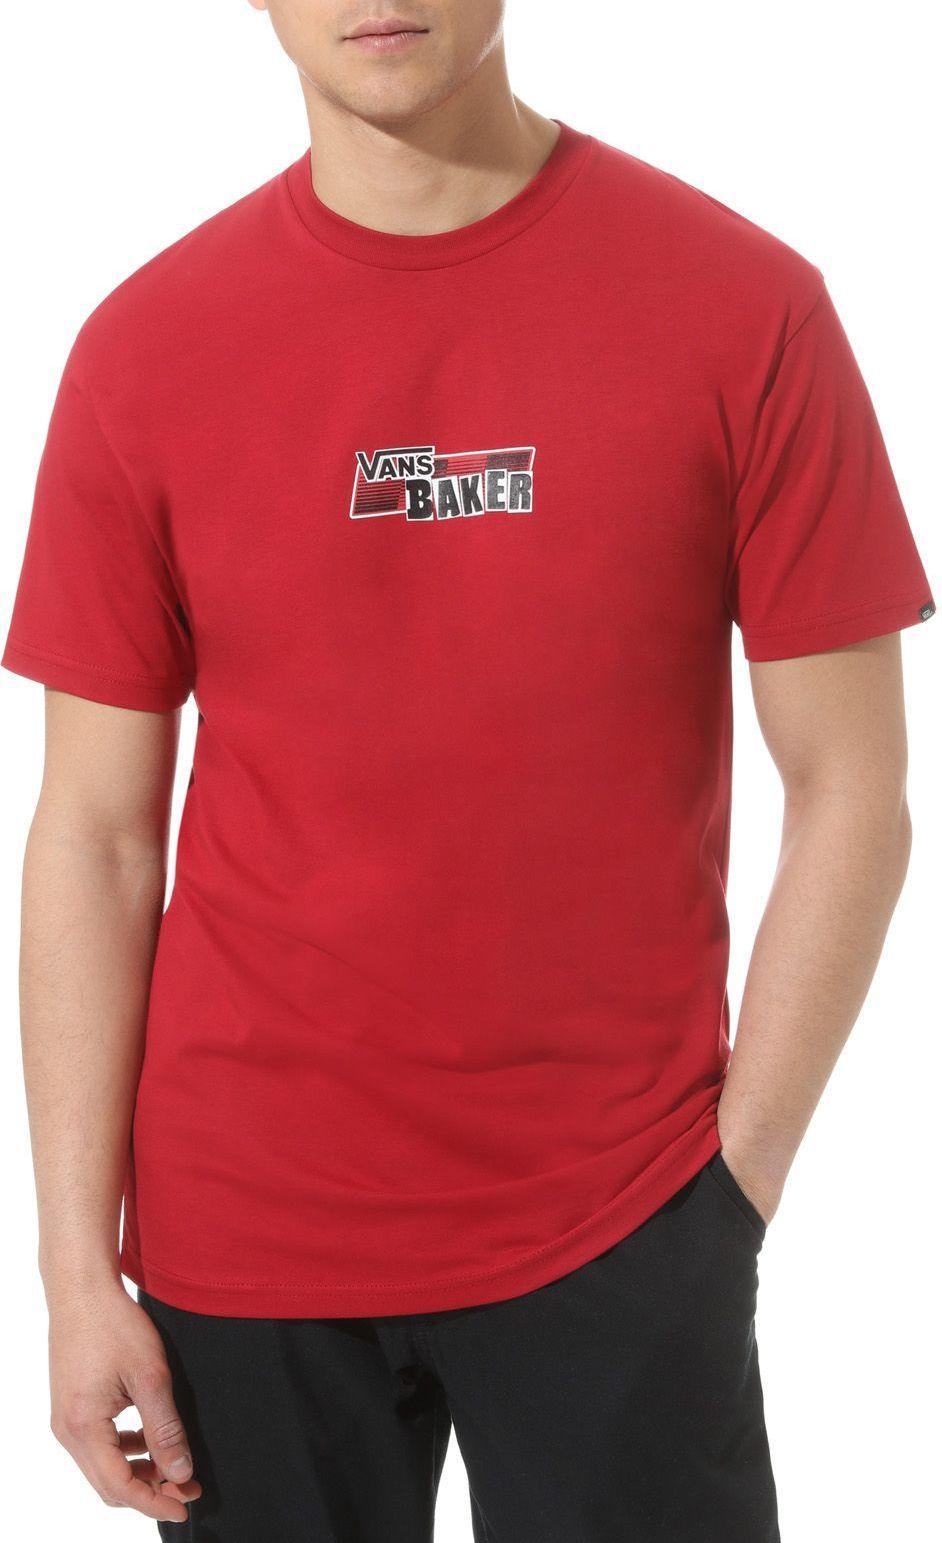 t-shirt męski VANS BAKER SPEED CHECK SS Cardinal